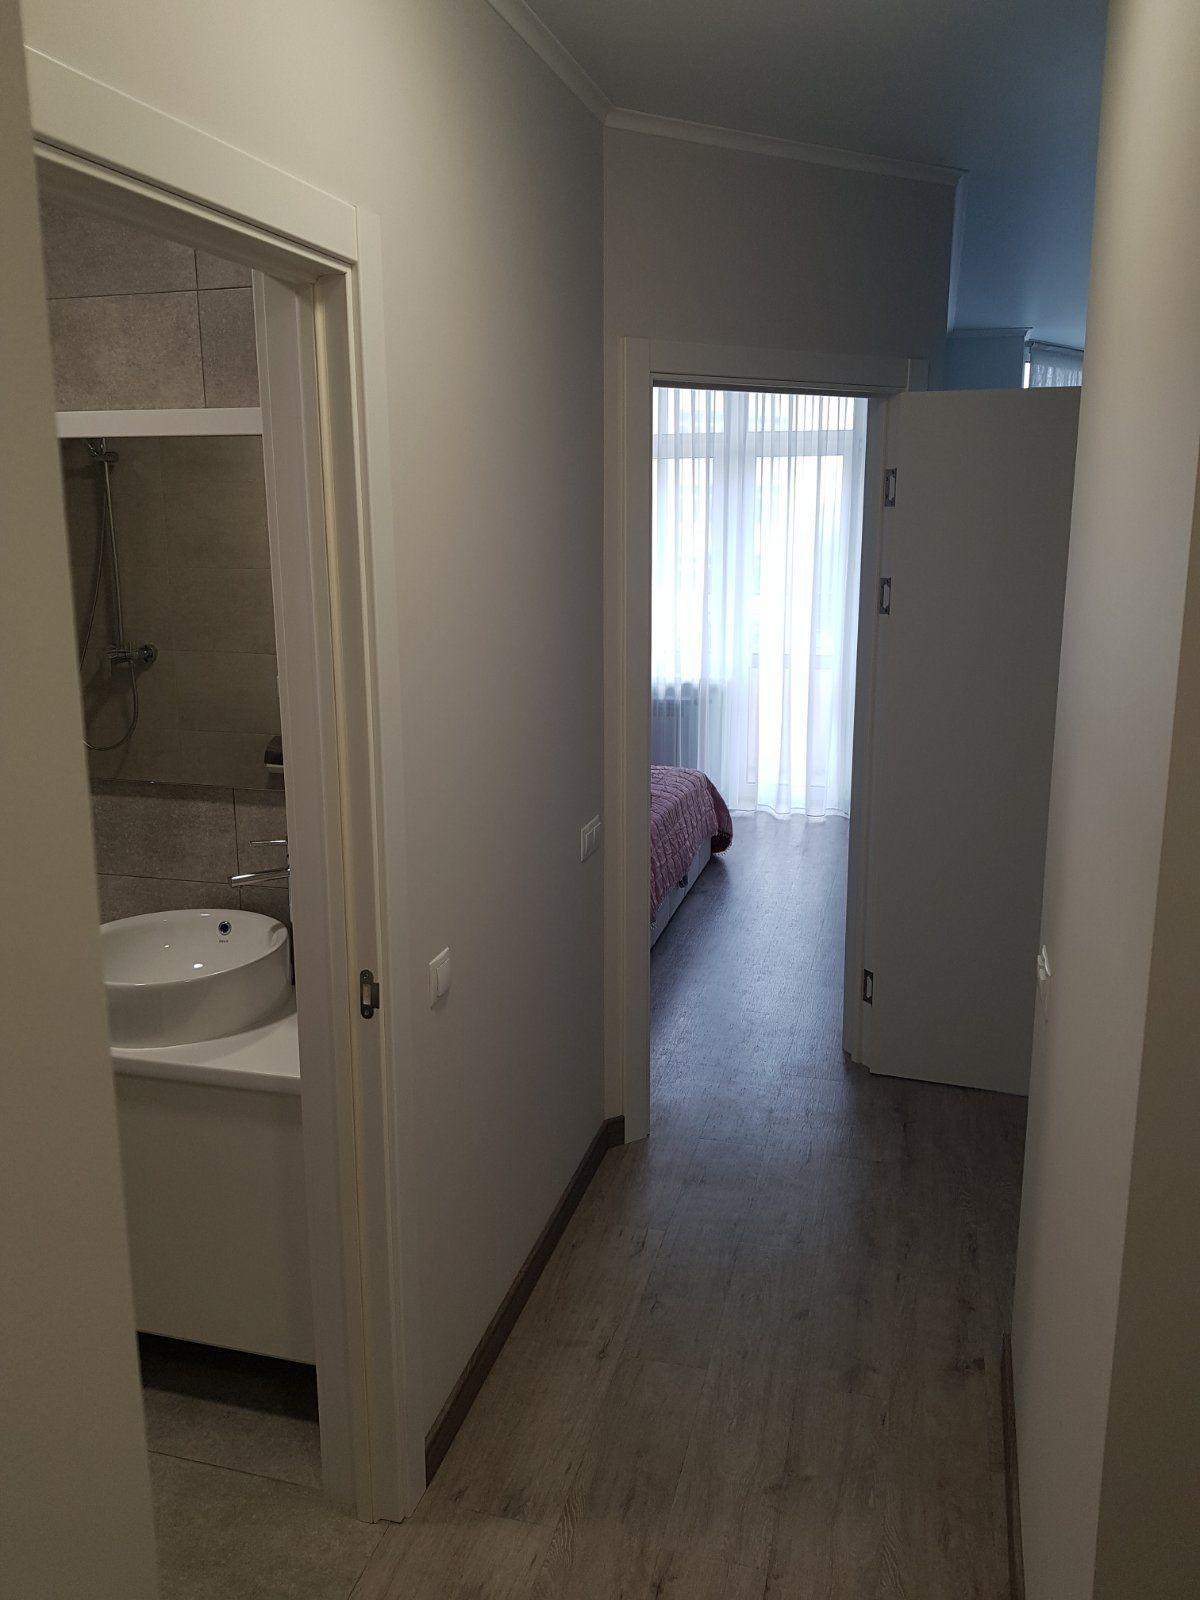 Квартира W-6149720, Липкивского Василия (Урицкого), 37б, Киев - Фото 9